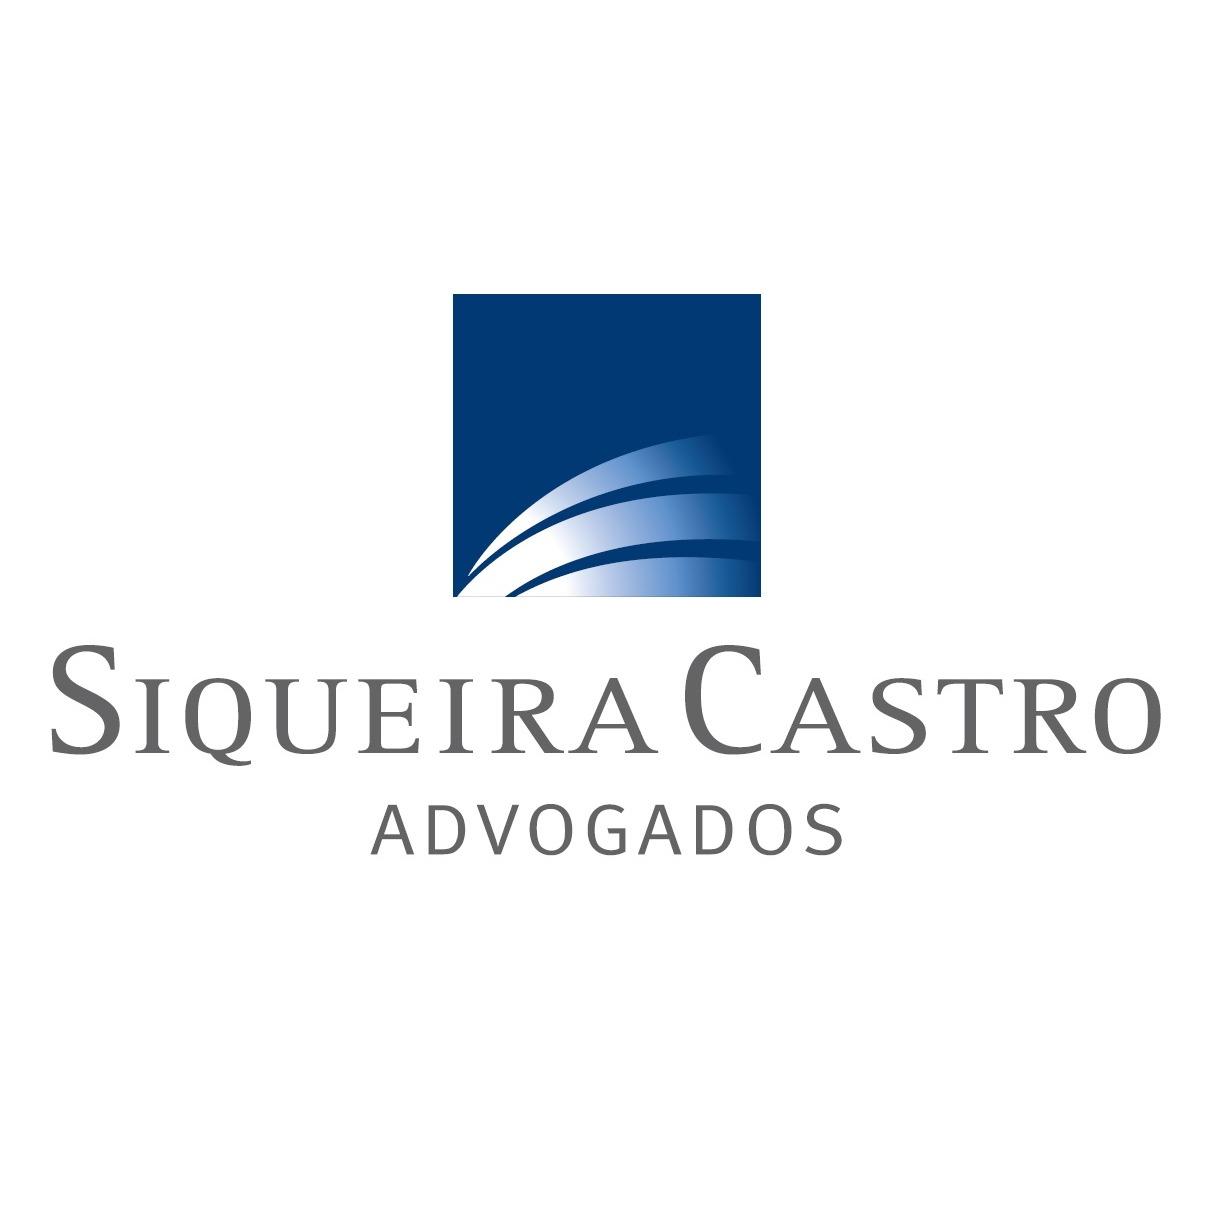 the Siqueiracastro Advogados logo.